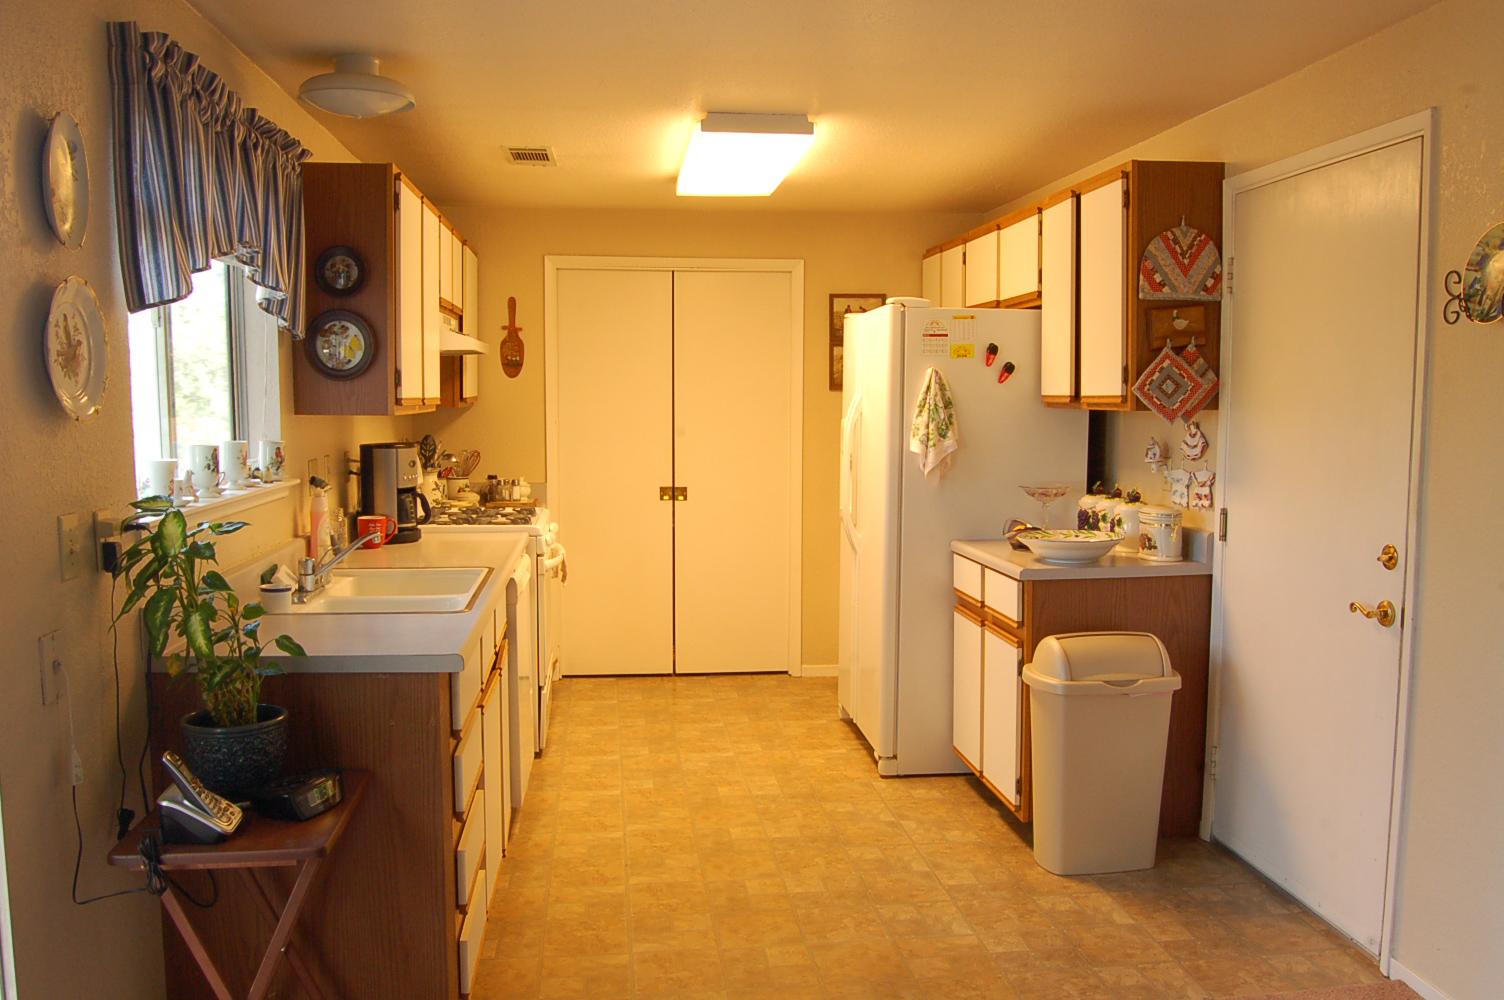 19491-Lake-California-Dr-Cottonwood-kitchen